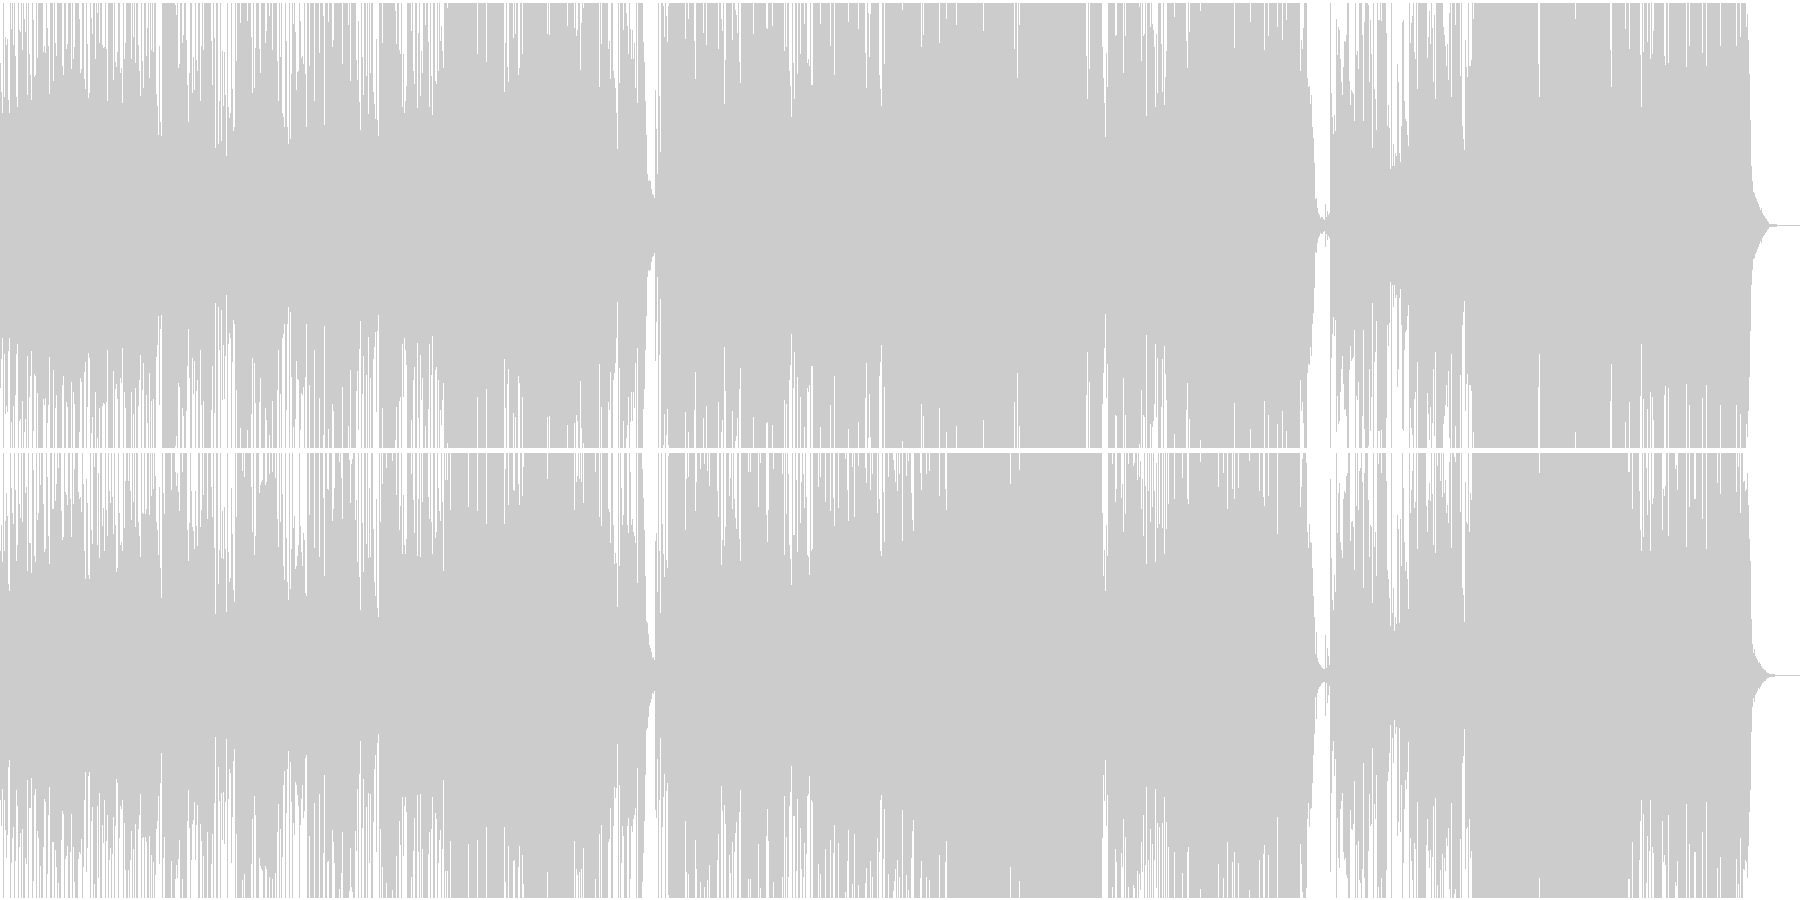 イギリスミュージカルシンガー王道ポップの未再生の波形